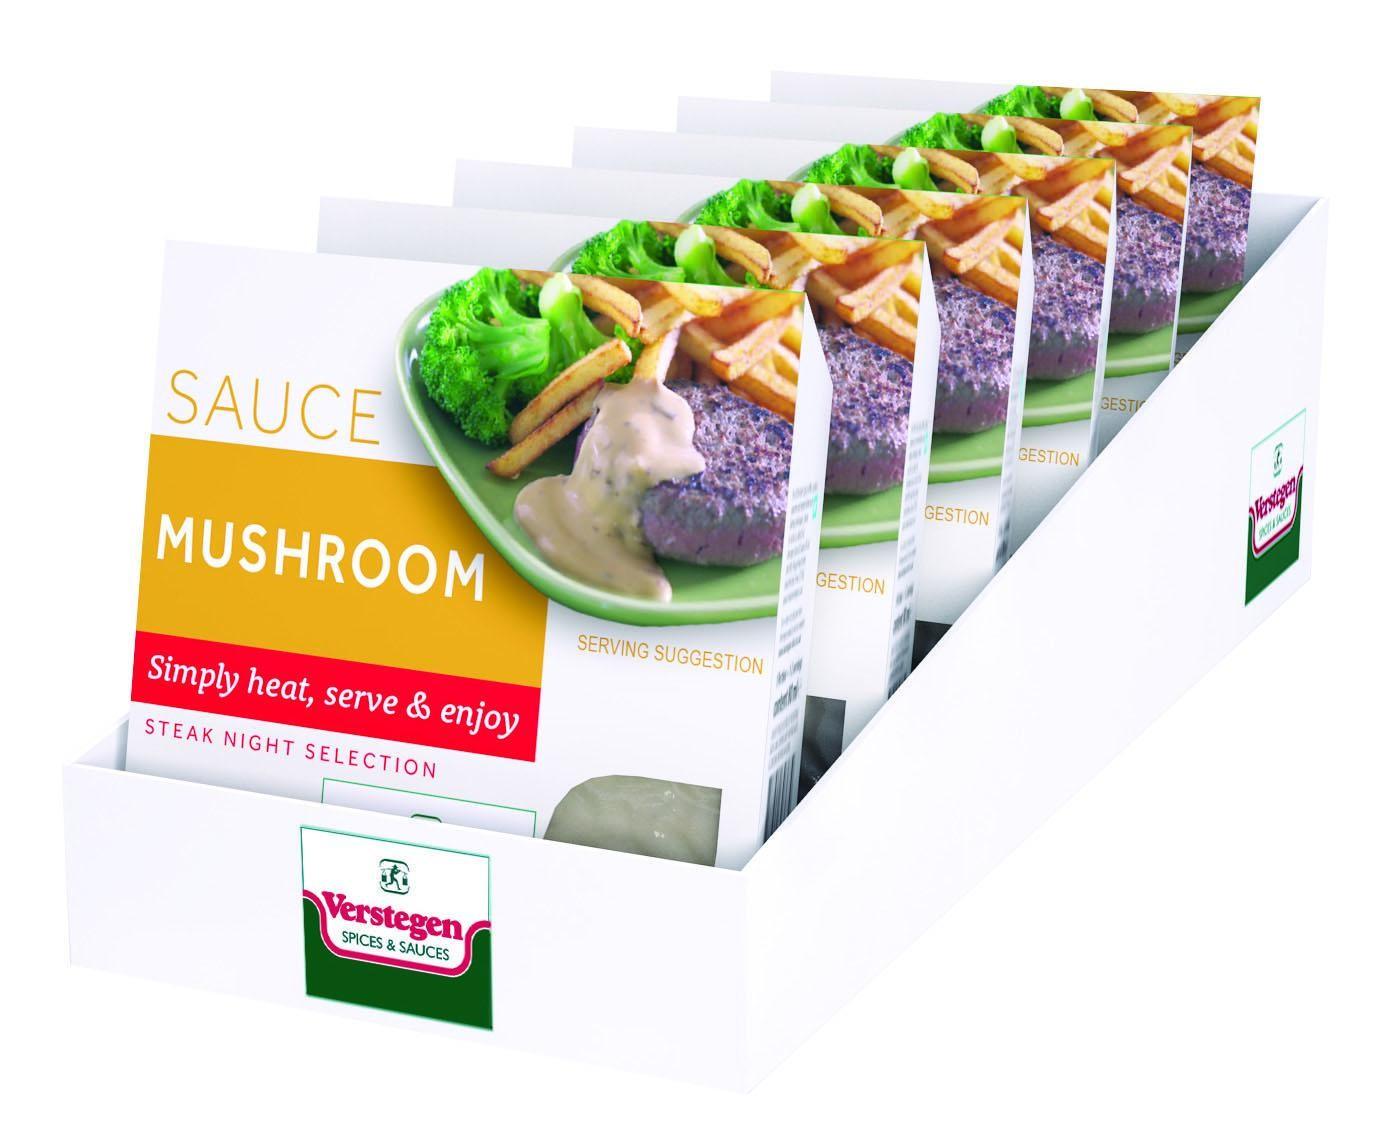 MUSHROOM - Verstegen Micro Sauce